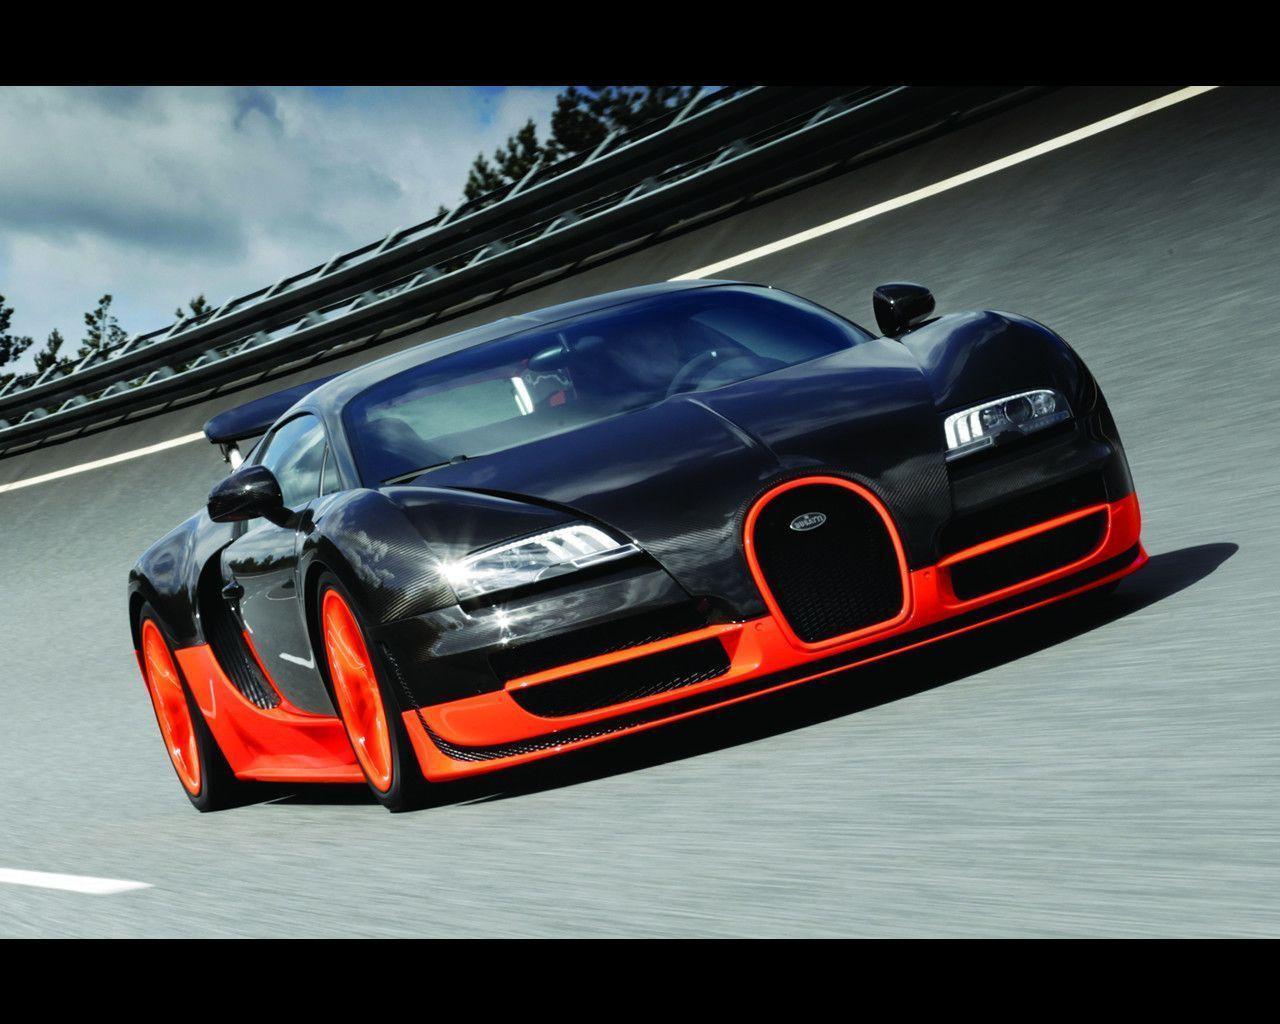 Bugatti Veyron Super Sport Wallpaper: Bugatti Veyron Super Sport Wallpapers